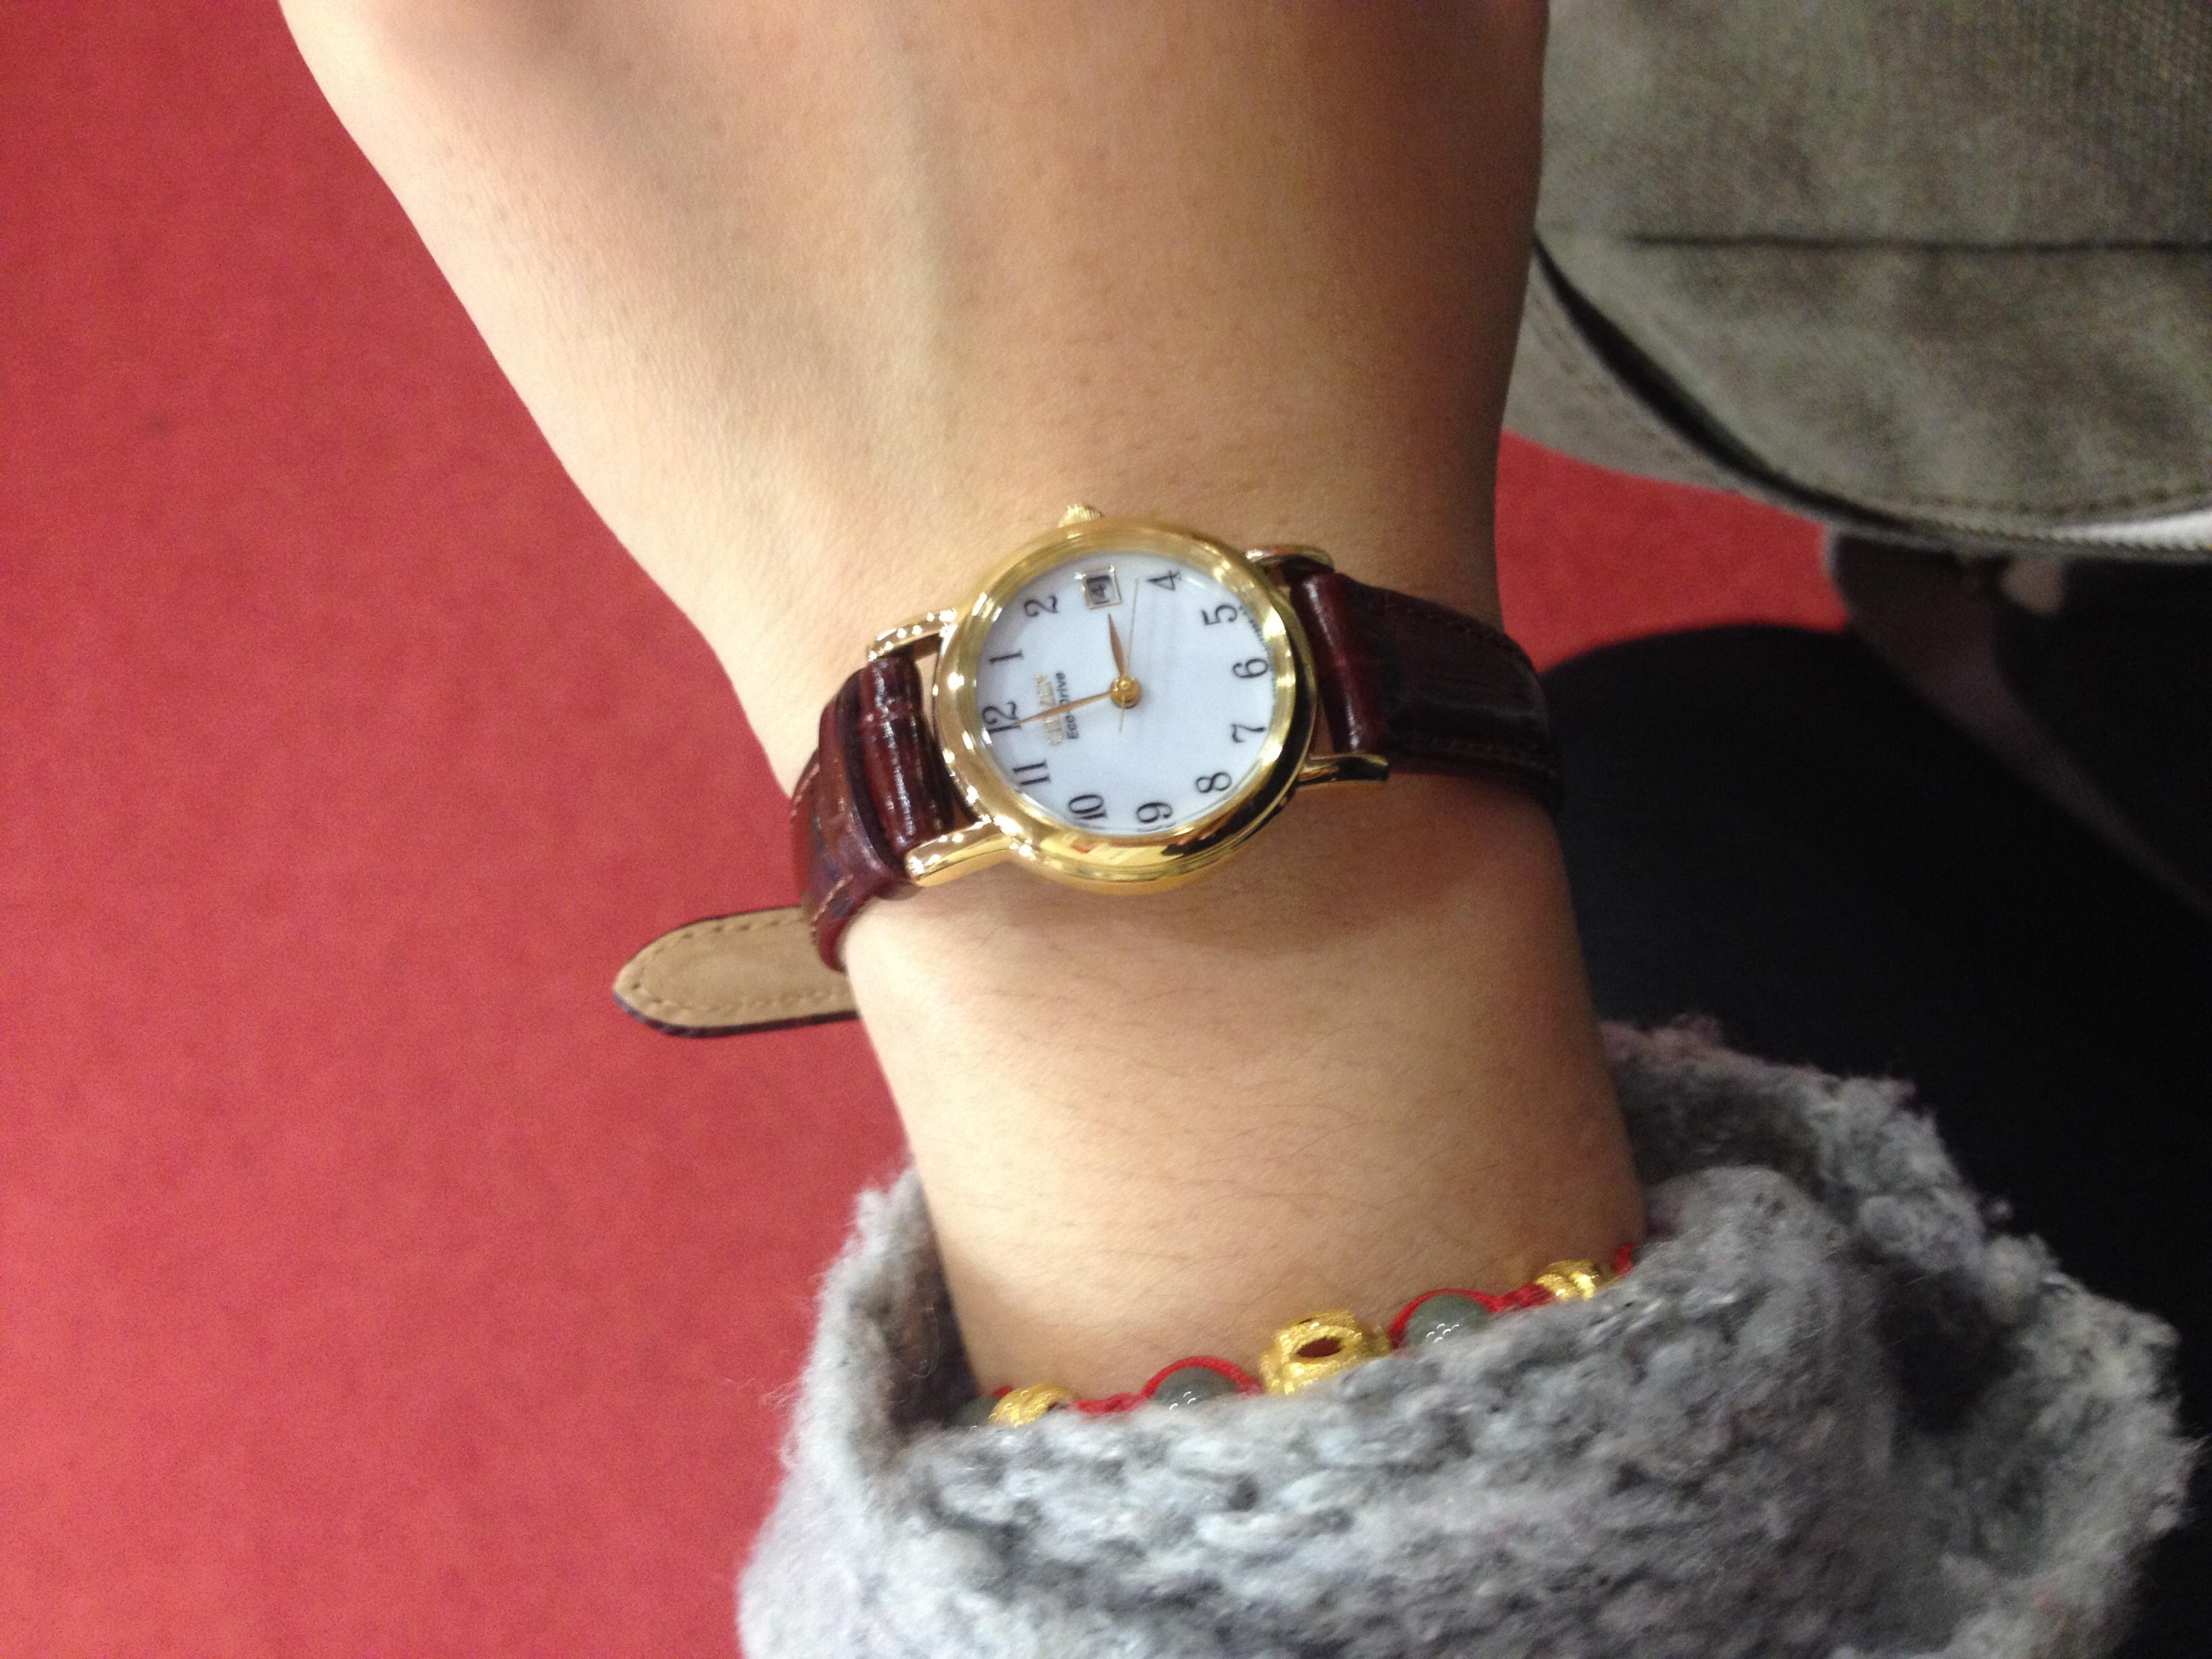 Shop™ Watch Braun Ew1272 Damenuhr 01aDe In Citizen kilwOuPXZT